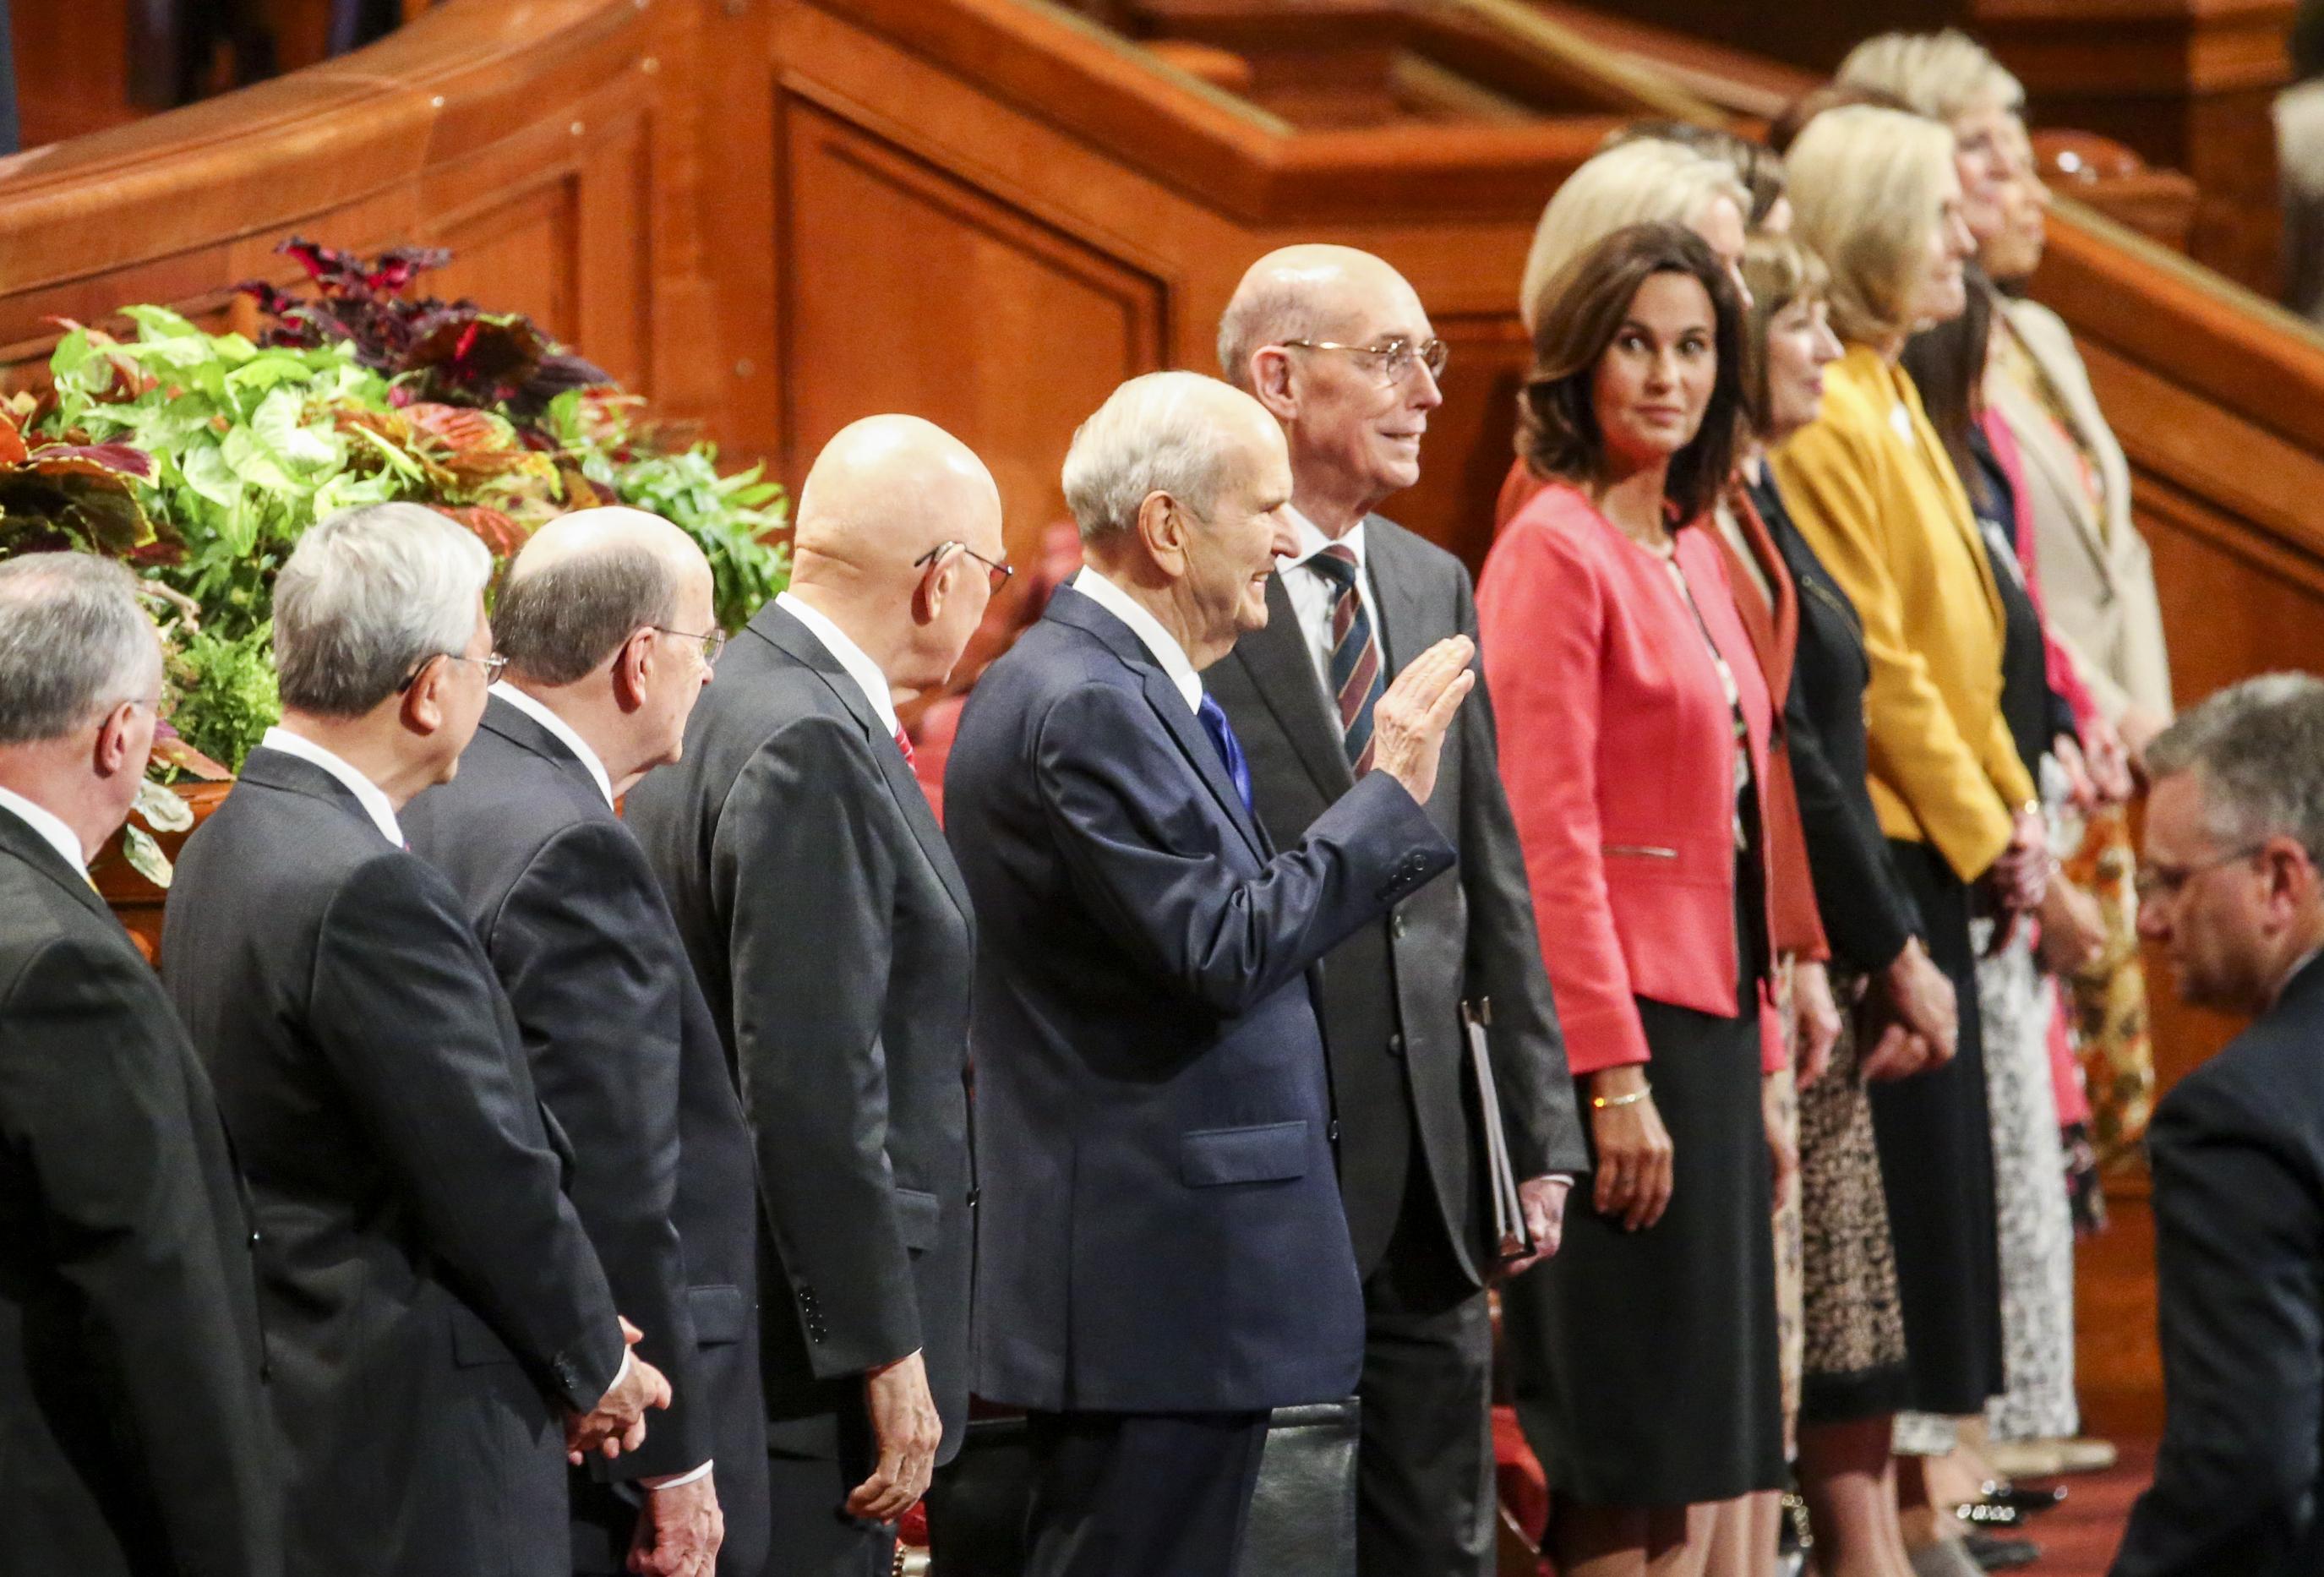 El presidente Russell M. Nelson, centro, saluda a la multitud cuando ingresa al Centro de conferencias antes de la sesión de mujeres de la 189ª Conferencia general semestral de La Iglesia de Jesucristo de los Santos de los Últimos Días en el Centro de conferencias en Salt Lake City, el sábado. 5 de octubre de 2019.